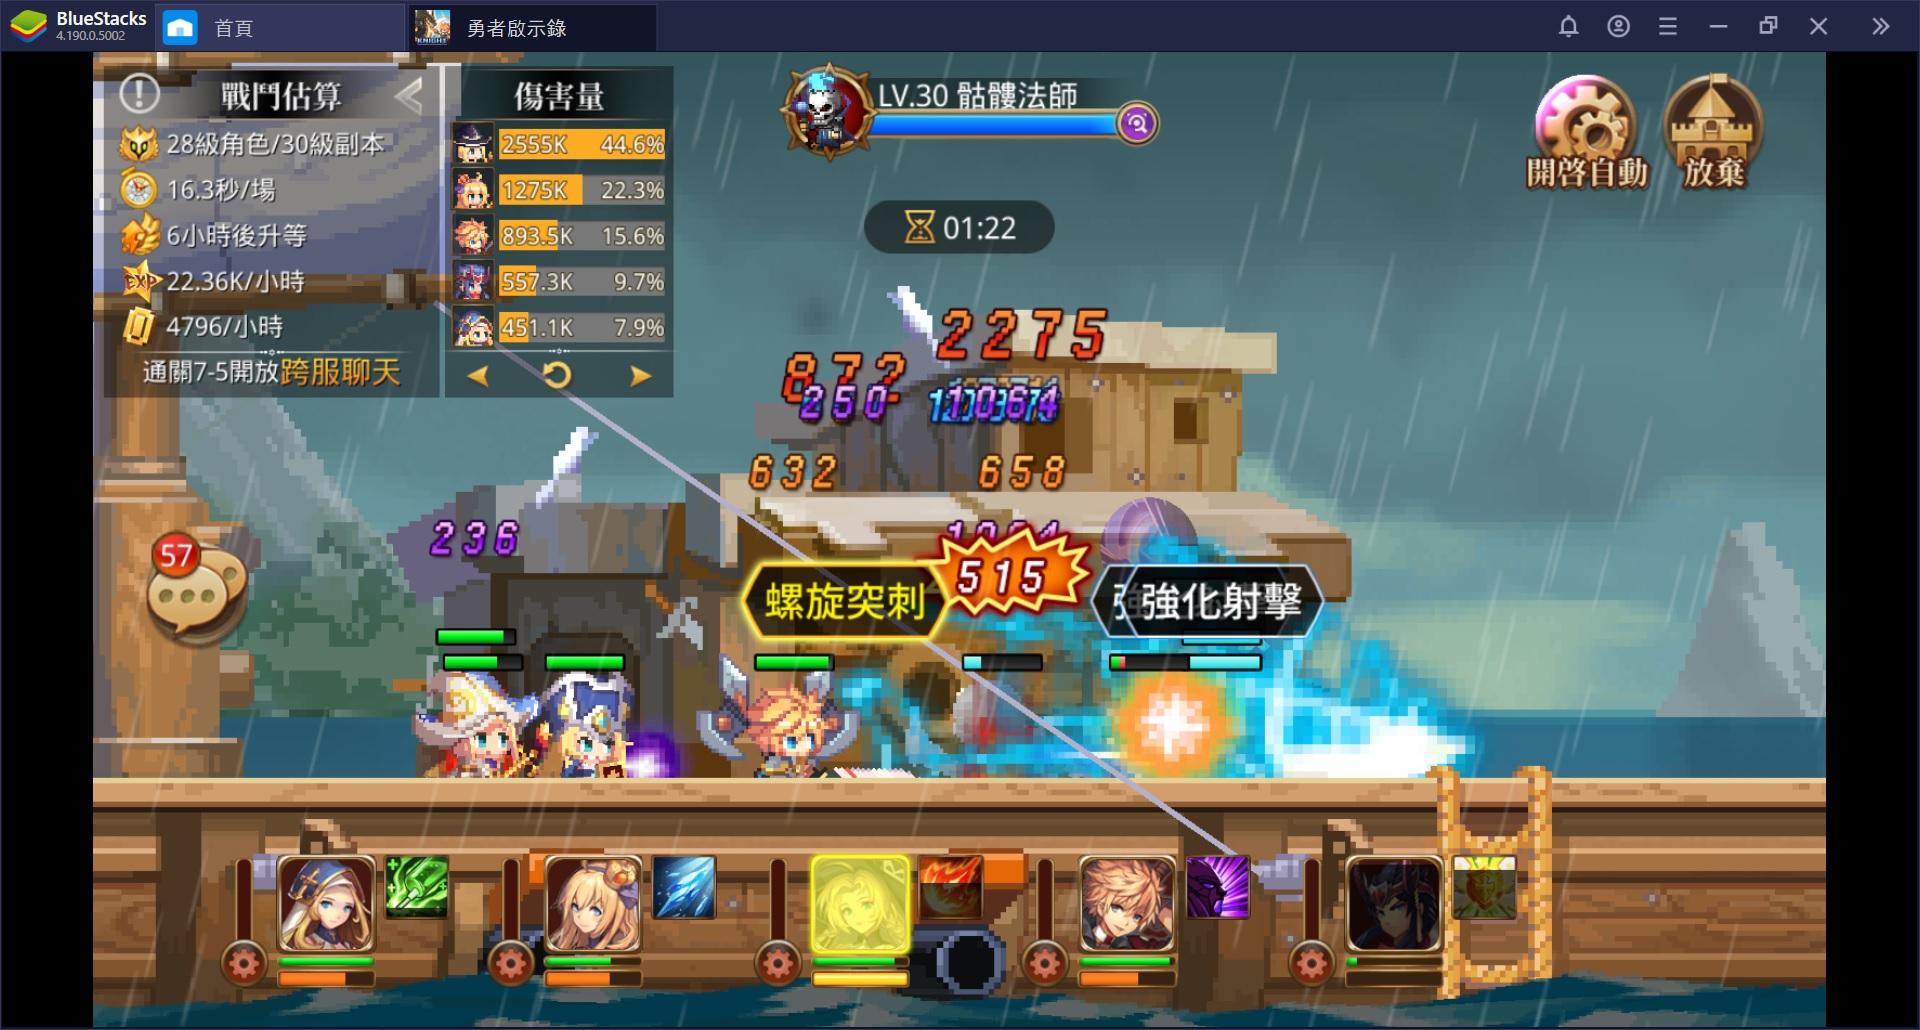 使用BlueStacks在PC上遊玩放置卡牌RPG手遊《勇者啟示錄》